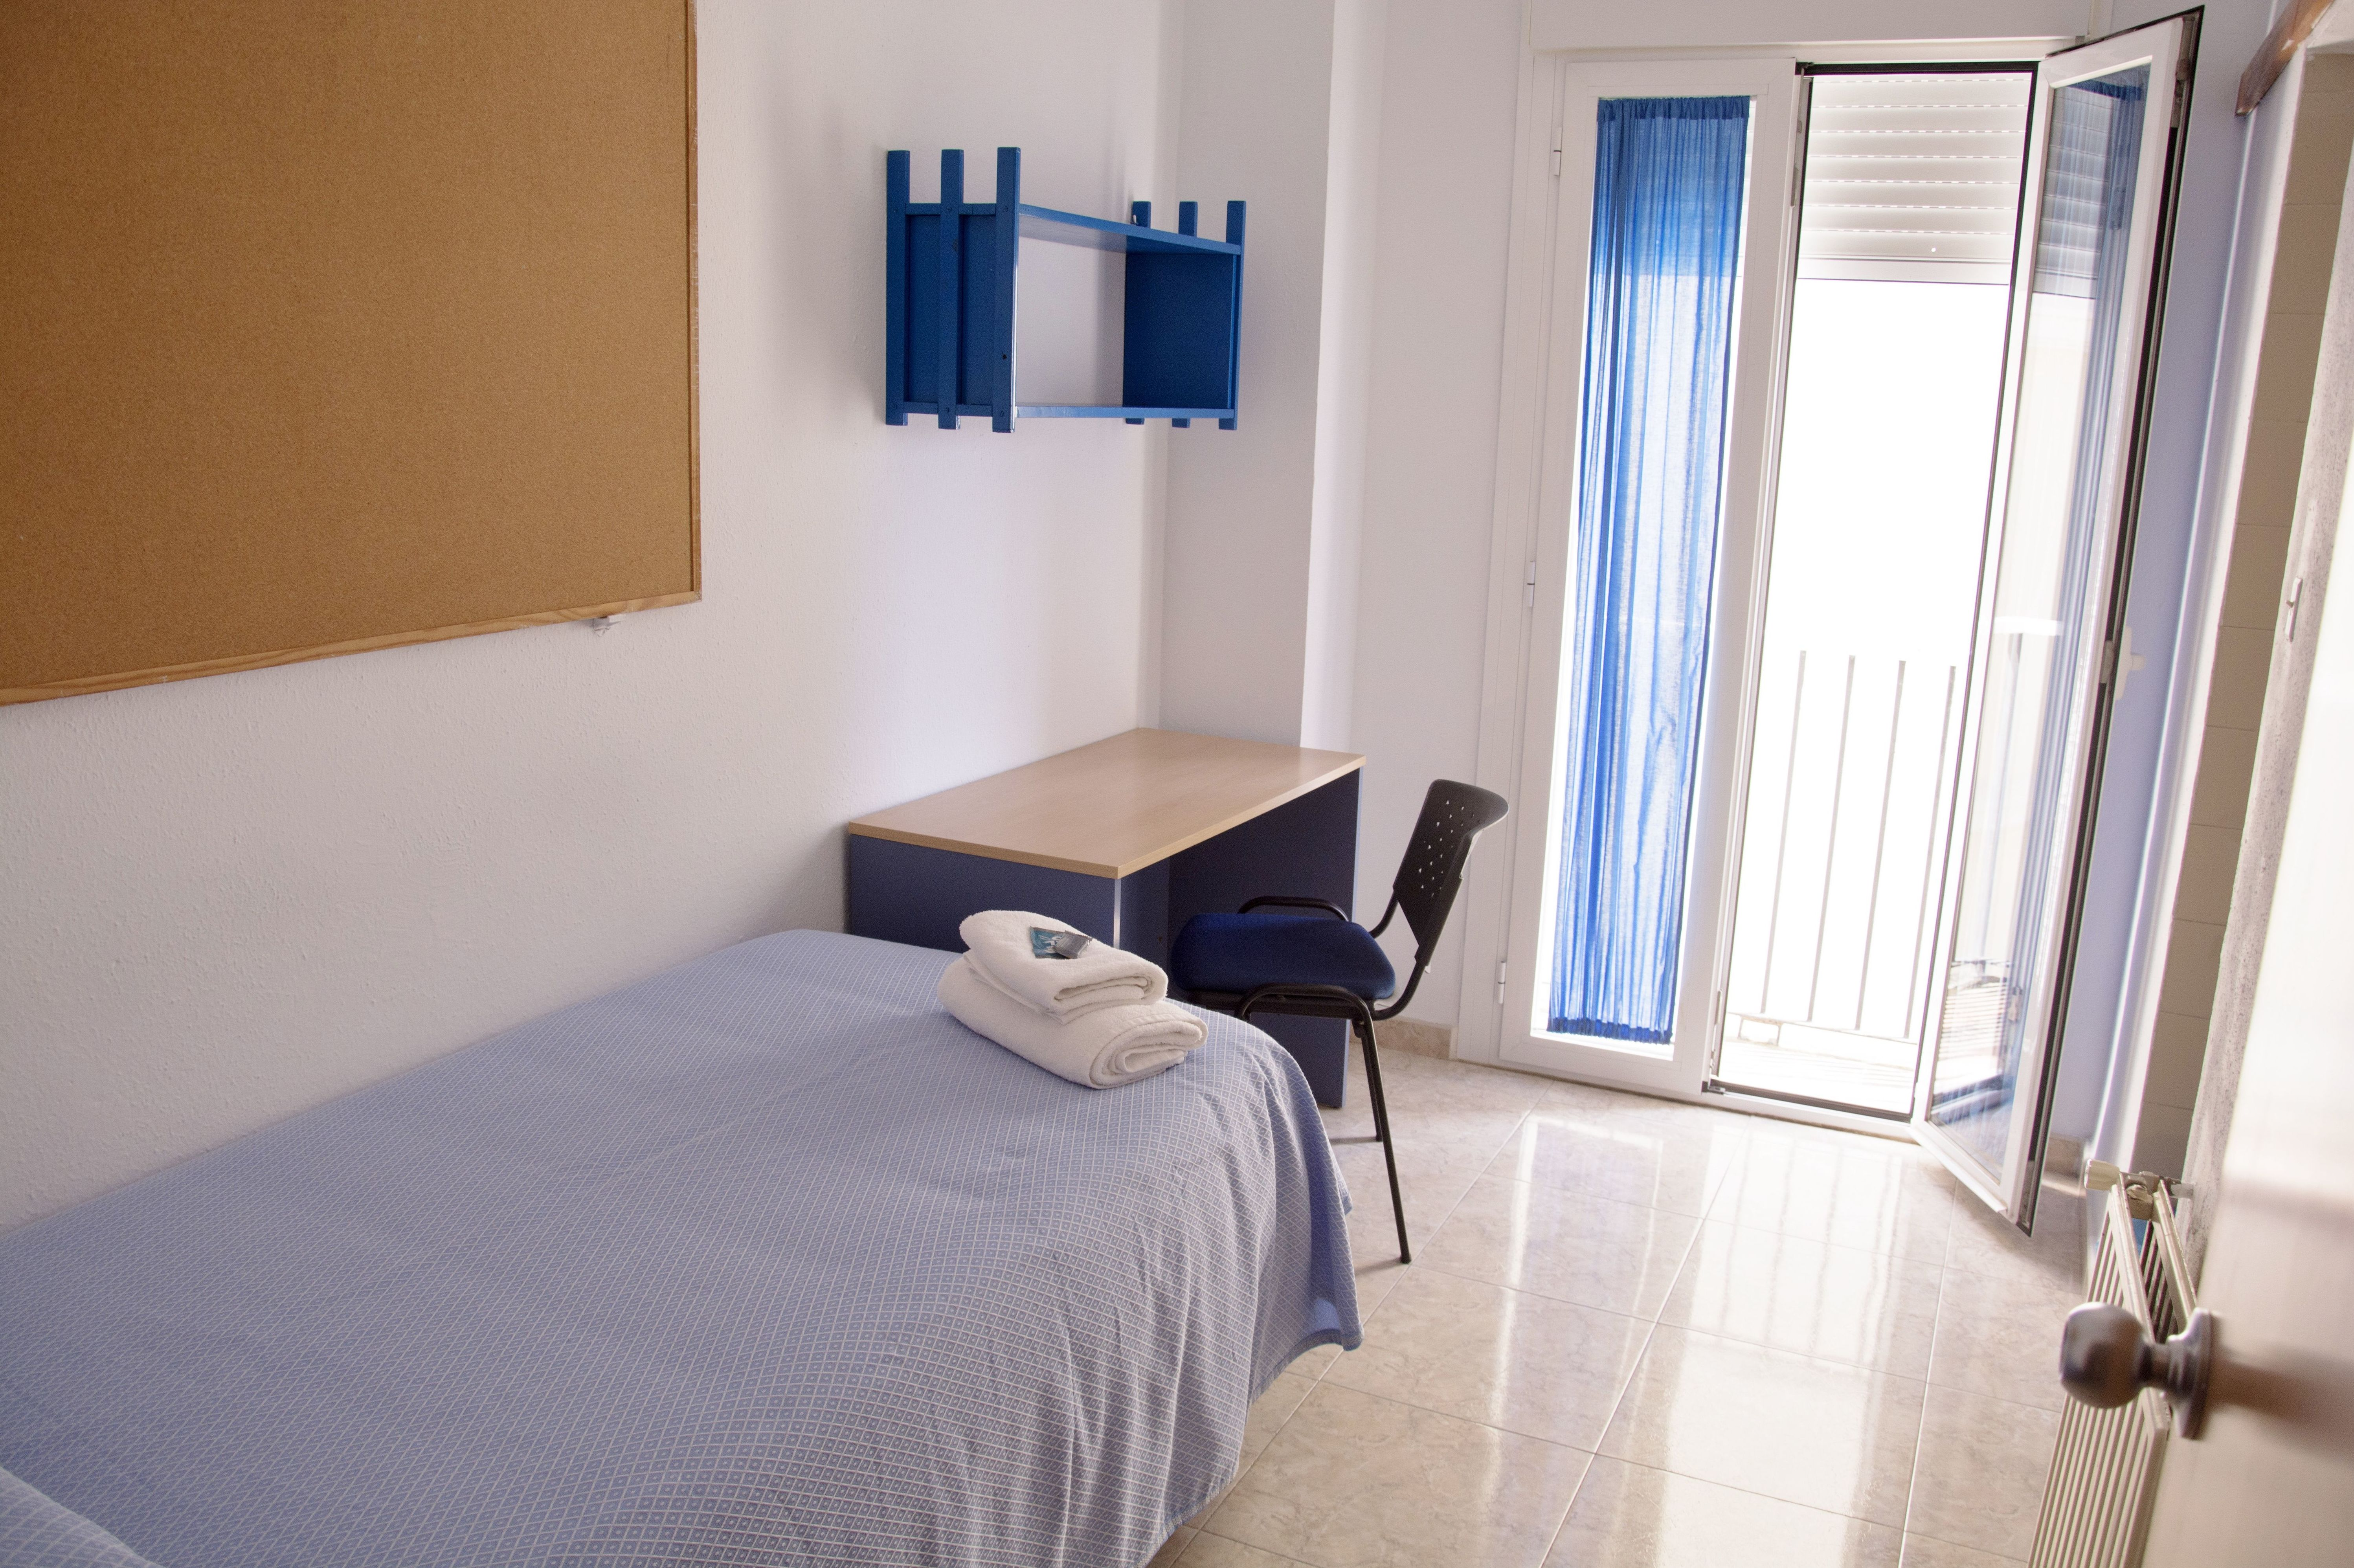 Foto 3 de Residencia de estudiantes en Cádiz | Residencia de Estudiantes Cádiz Centro